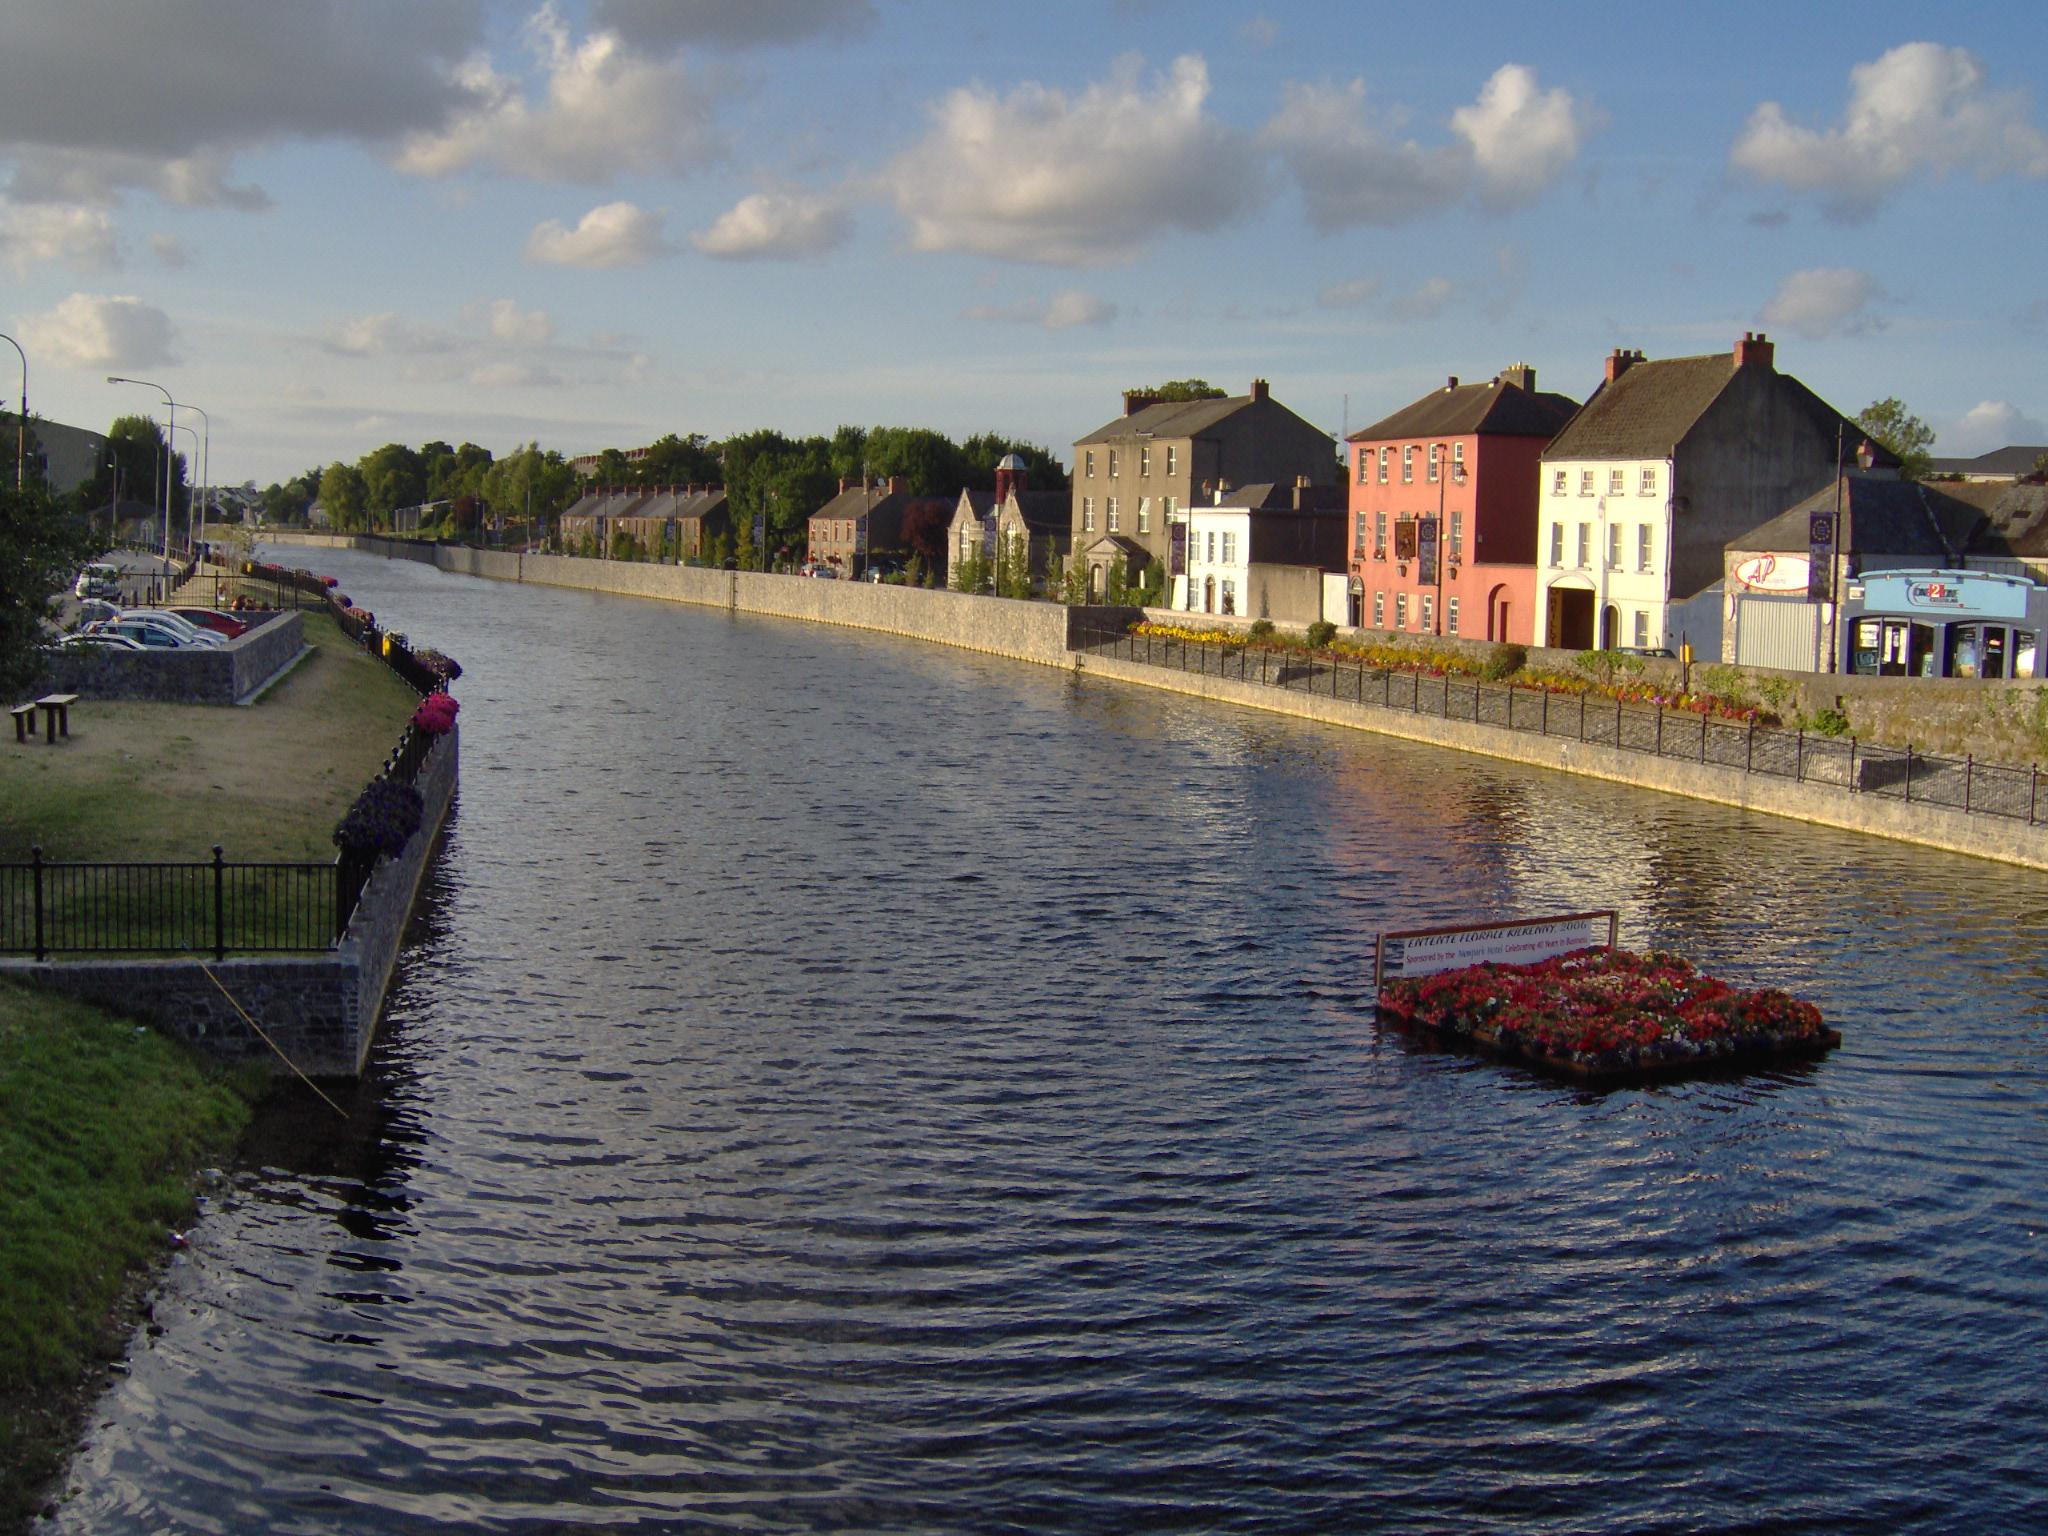 River Nore - Wikipedia